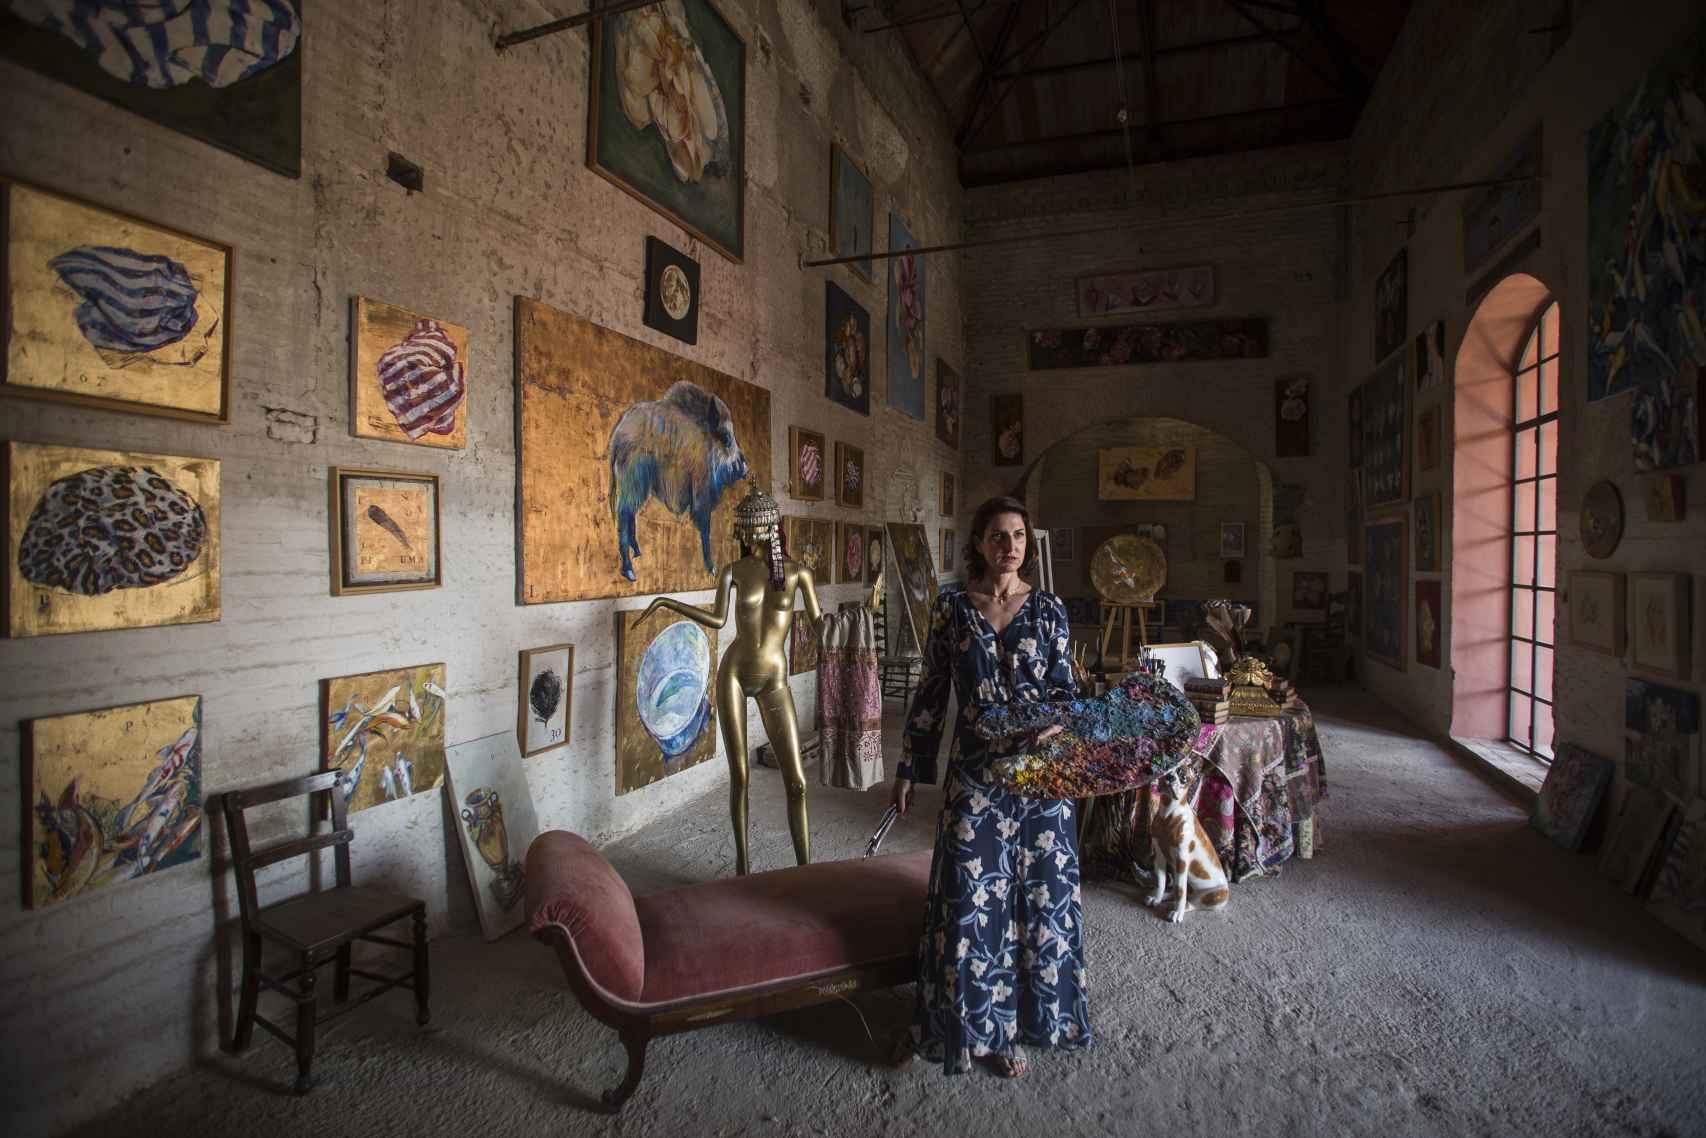 Cristina Ybarra, en su estudio de pintura ubicado en el interior del palacio de Portocarrero, en Palma del Río (Córdoba).